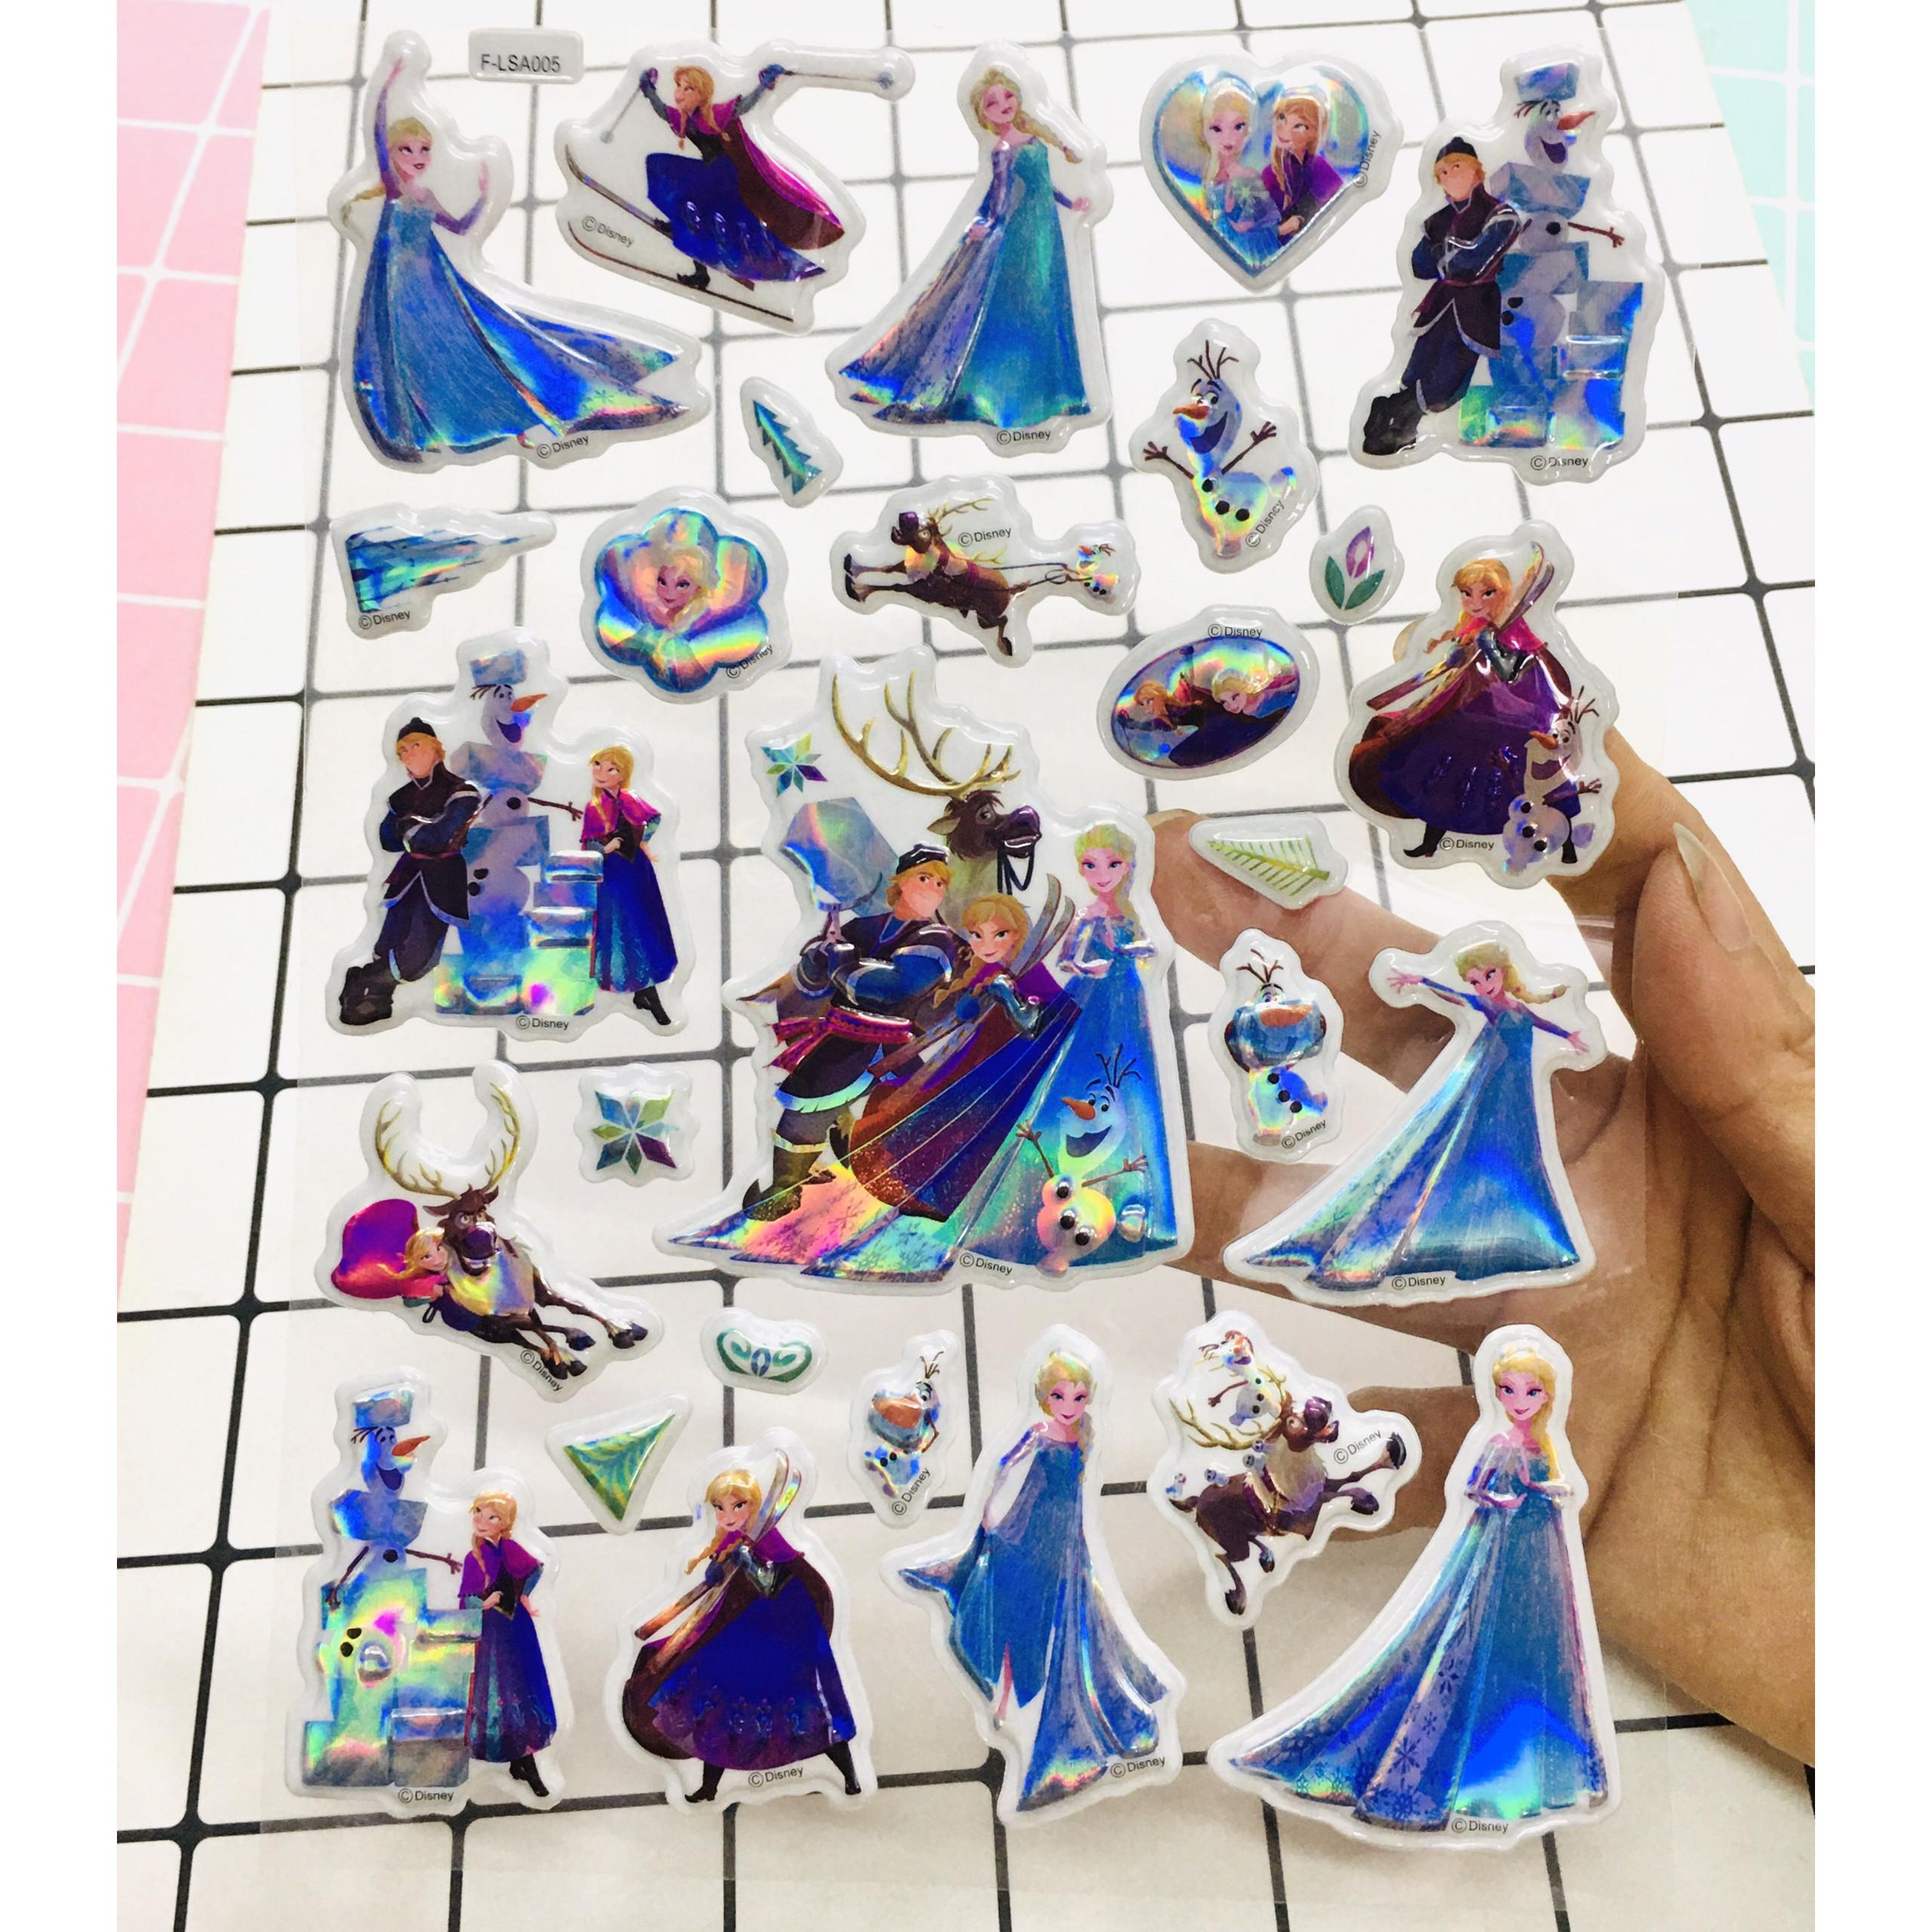 Hình Dán sticker ELSA Nổi 3D set 3 bảng ( 84 miếng ảnh )